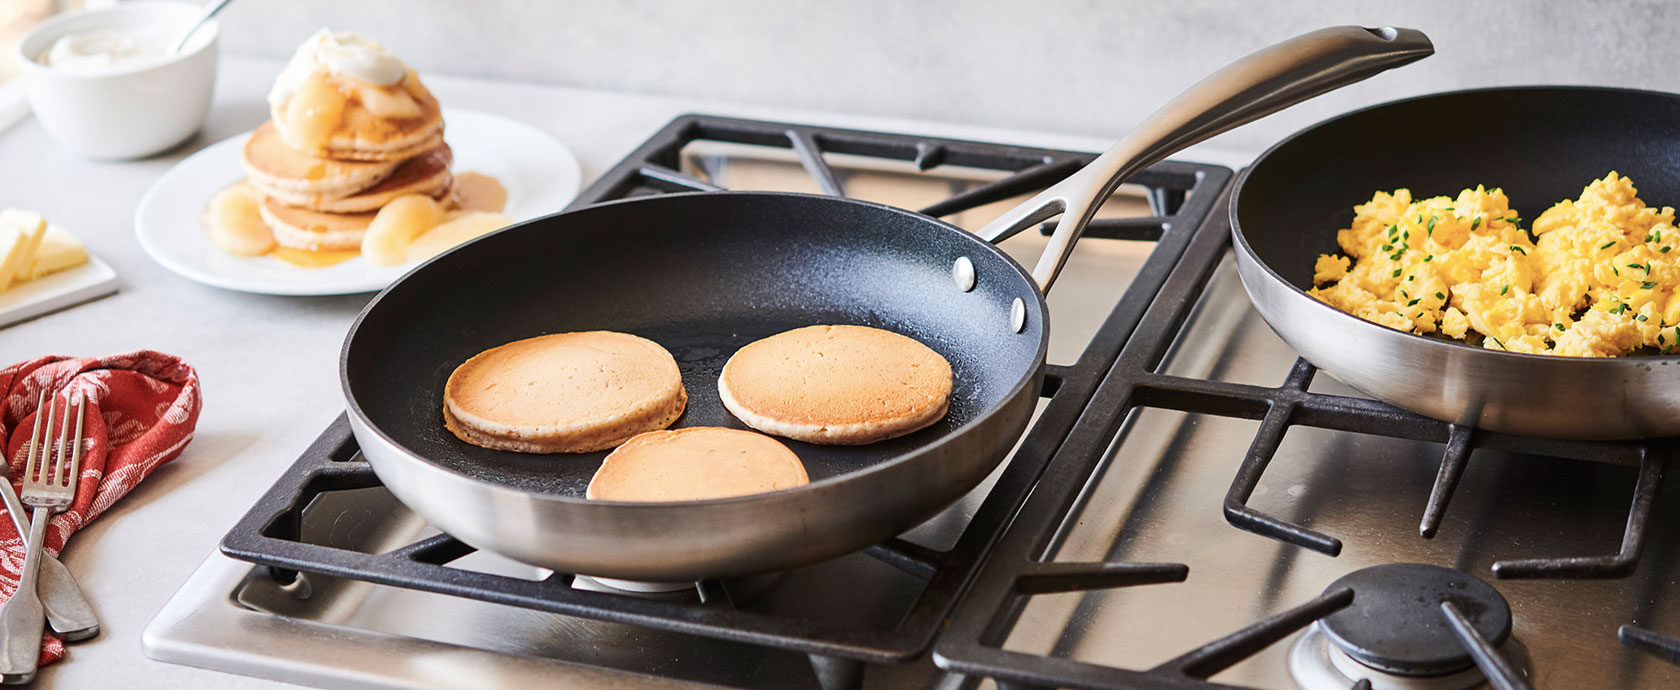 Scanpan CS+ nonstick skillet with pancakes